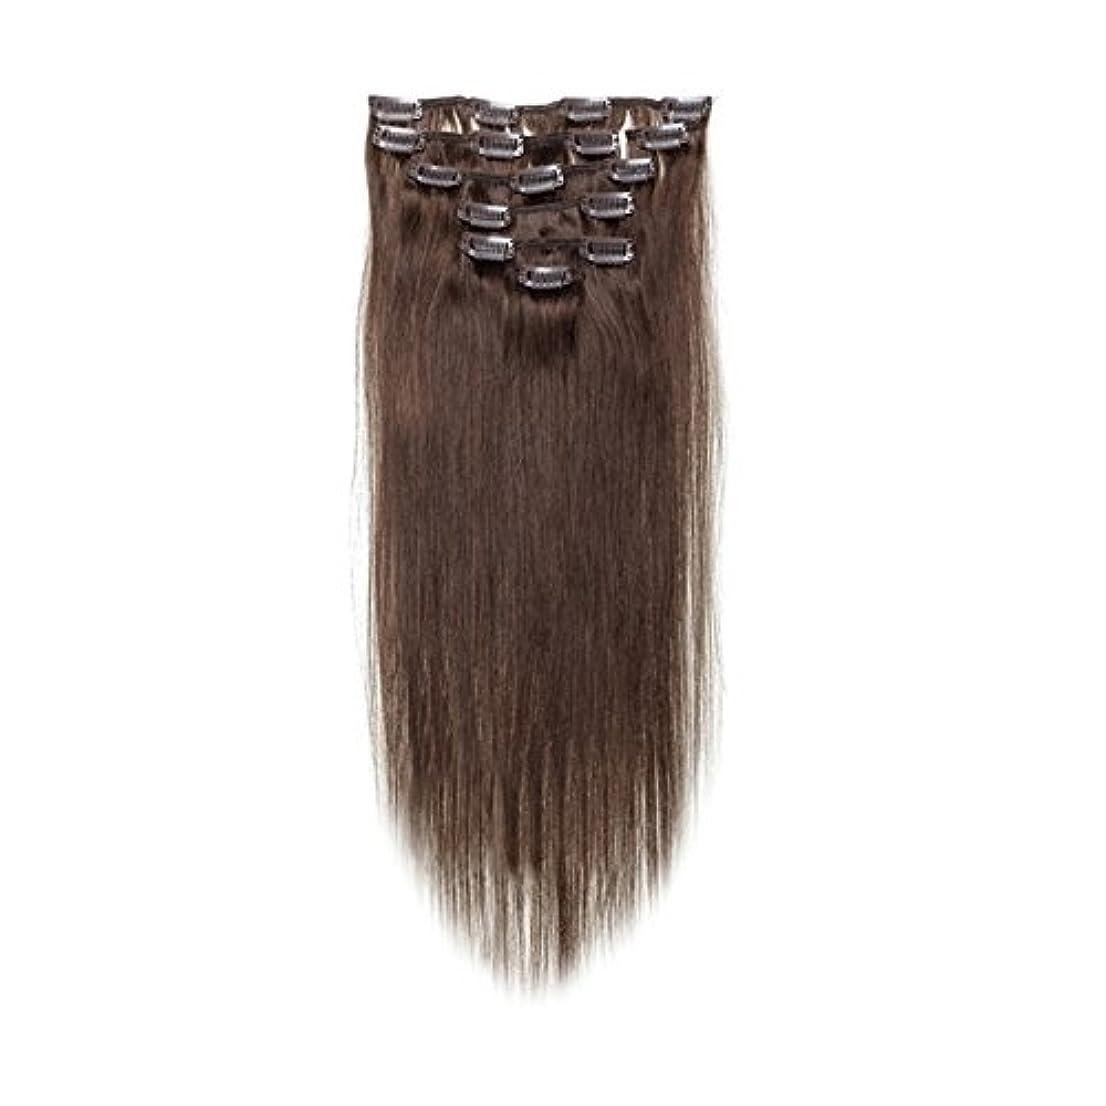 炭素拡散する抜本的なヘアエクステンション,SODIAL(R) 女性の人間の髪 クリップインヘアエクステンション 7件 70g 20インチ ダークブラウン